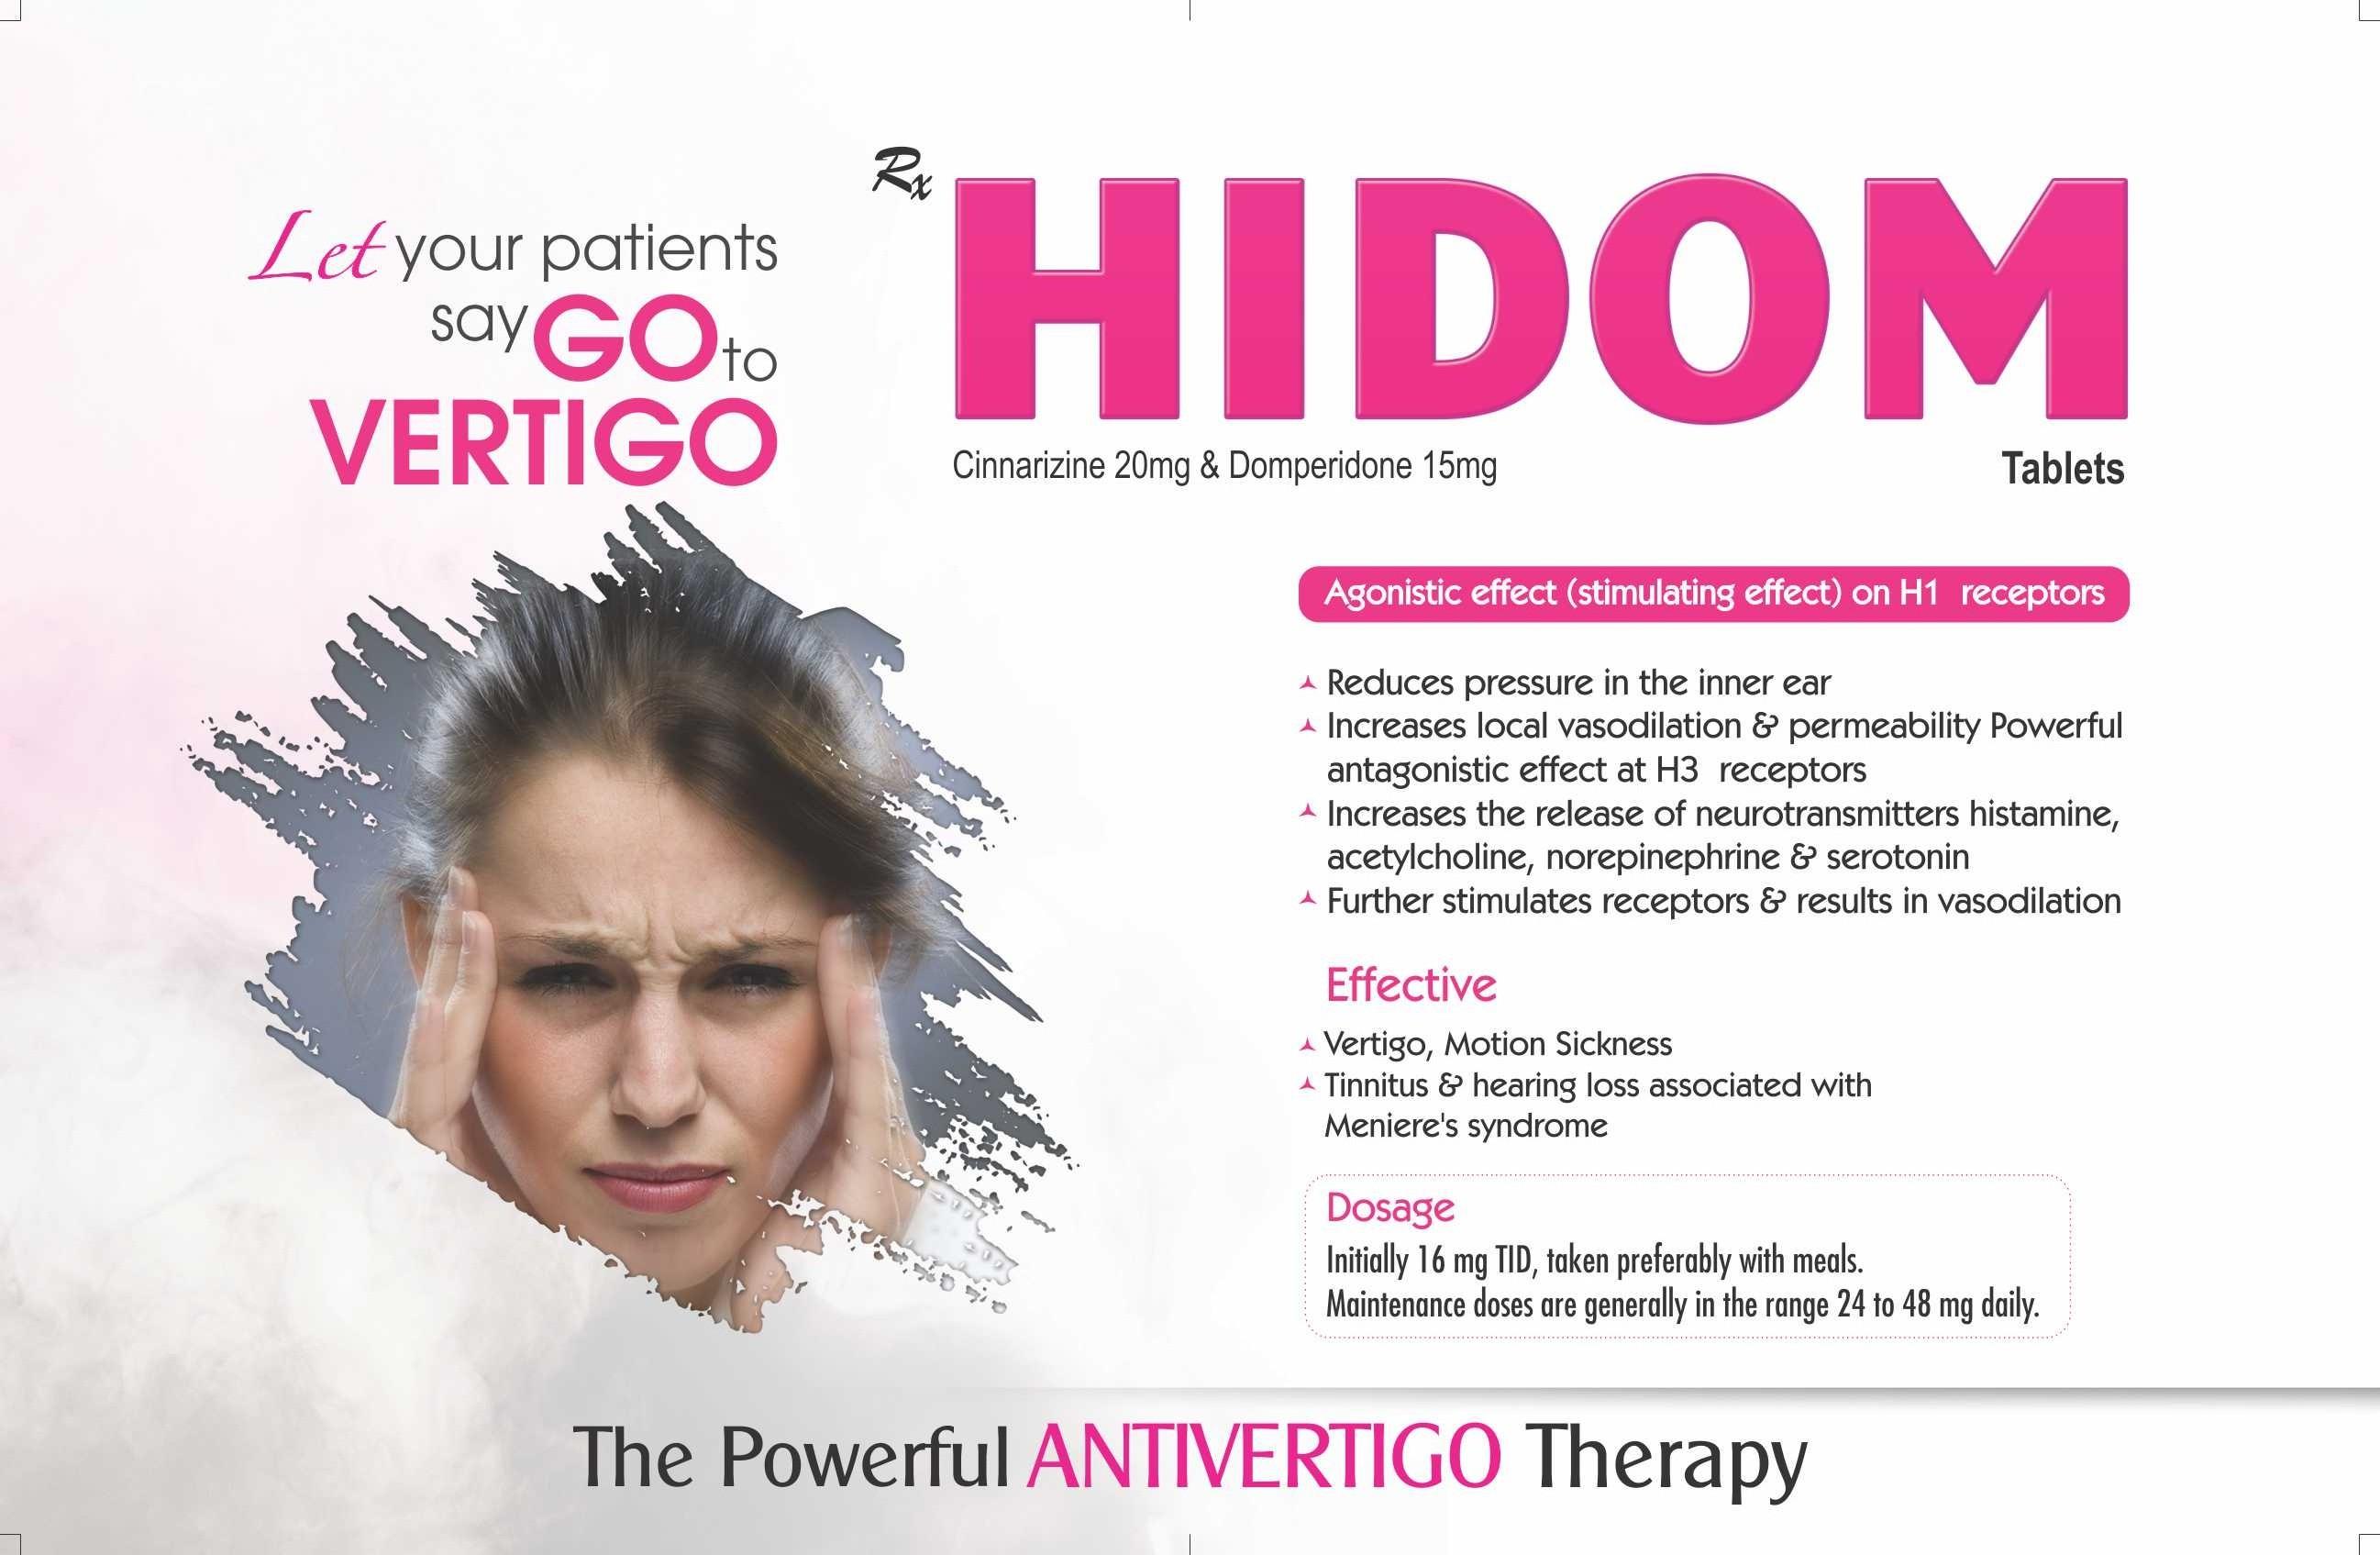 Hidom